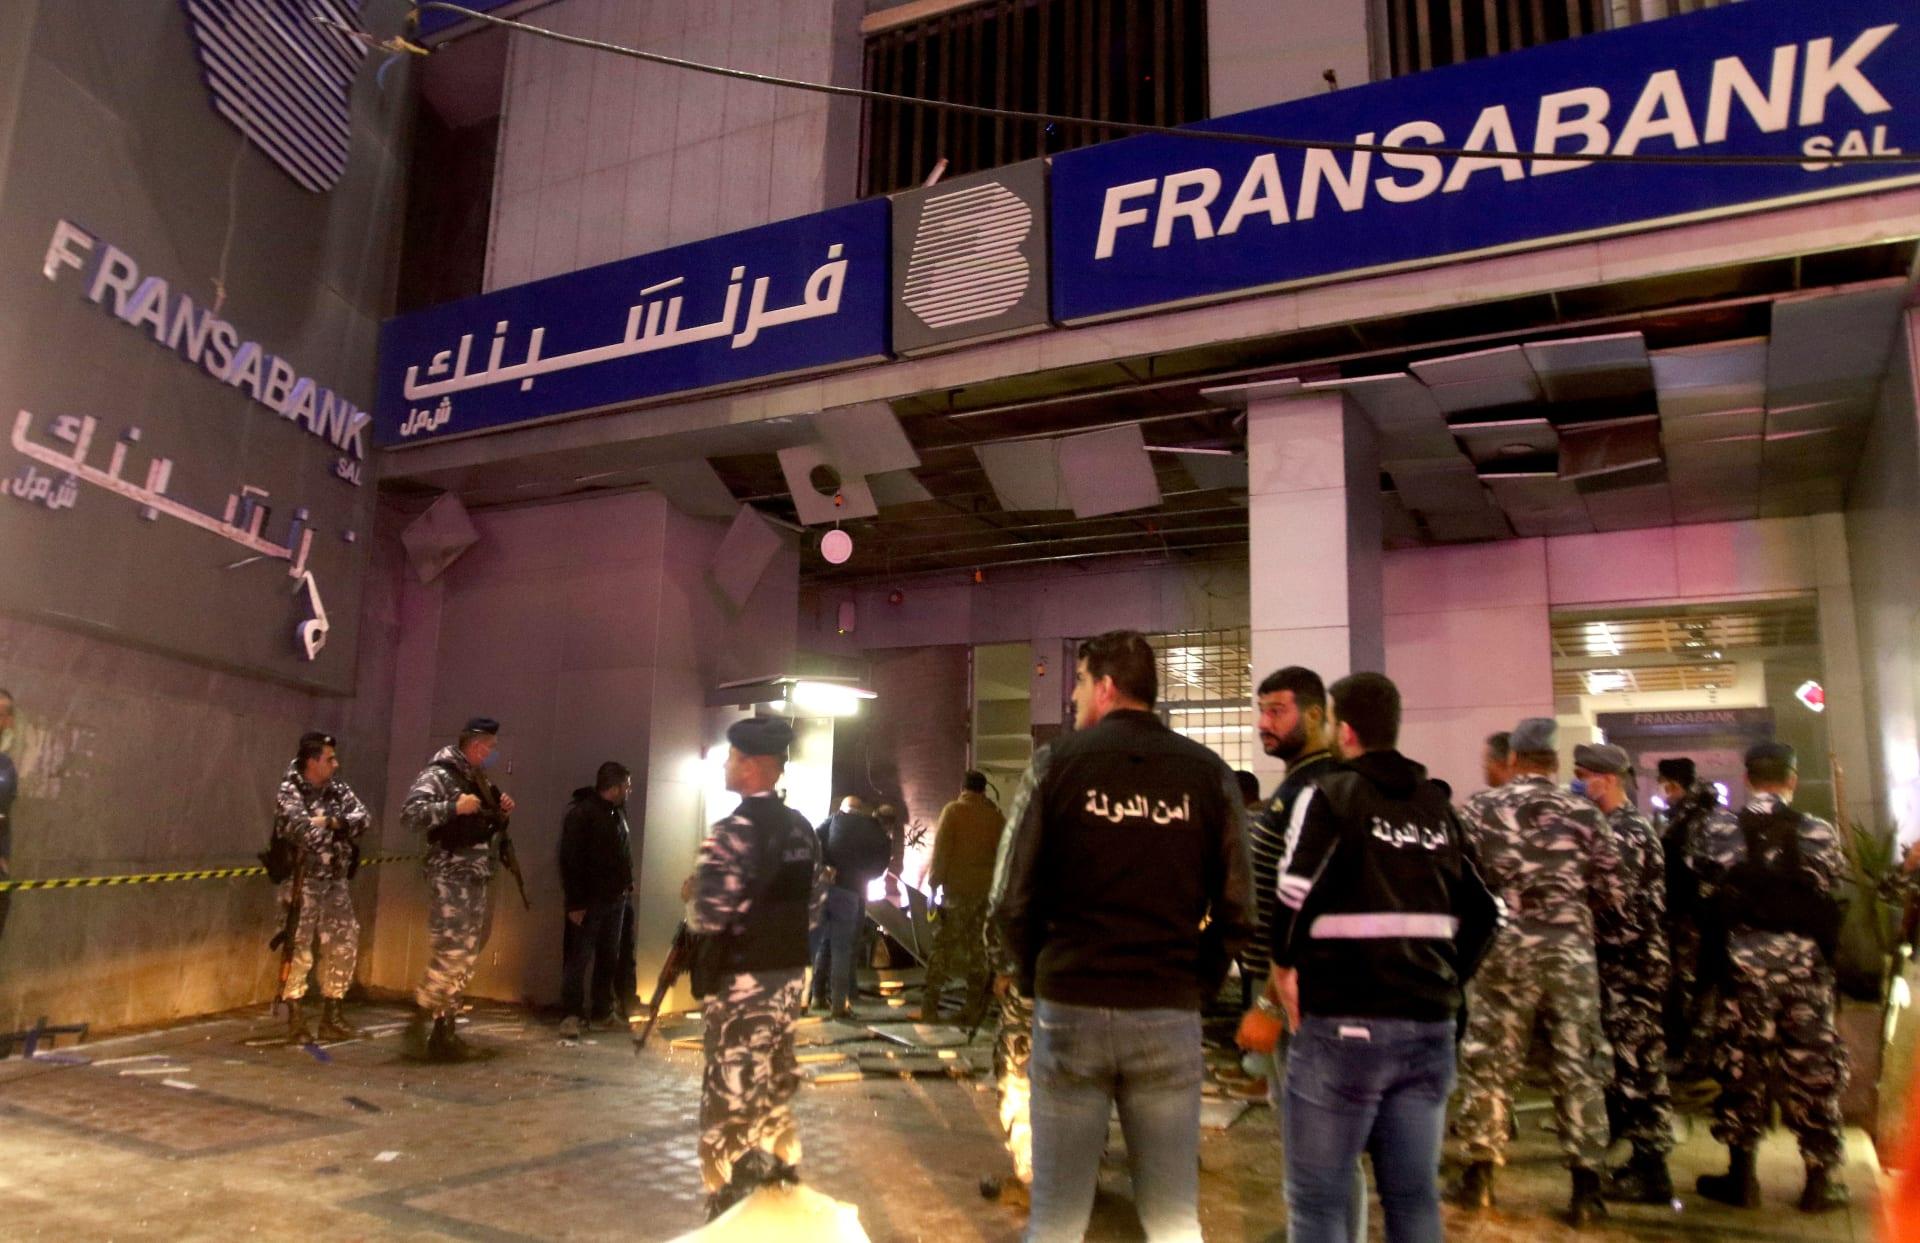 """لبنان: انفجار قنبلة يستهدف بنكًا.. وكتابة """"أنتم بخطر"""" على واجهات مصارف صيدا"""